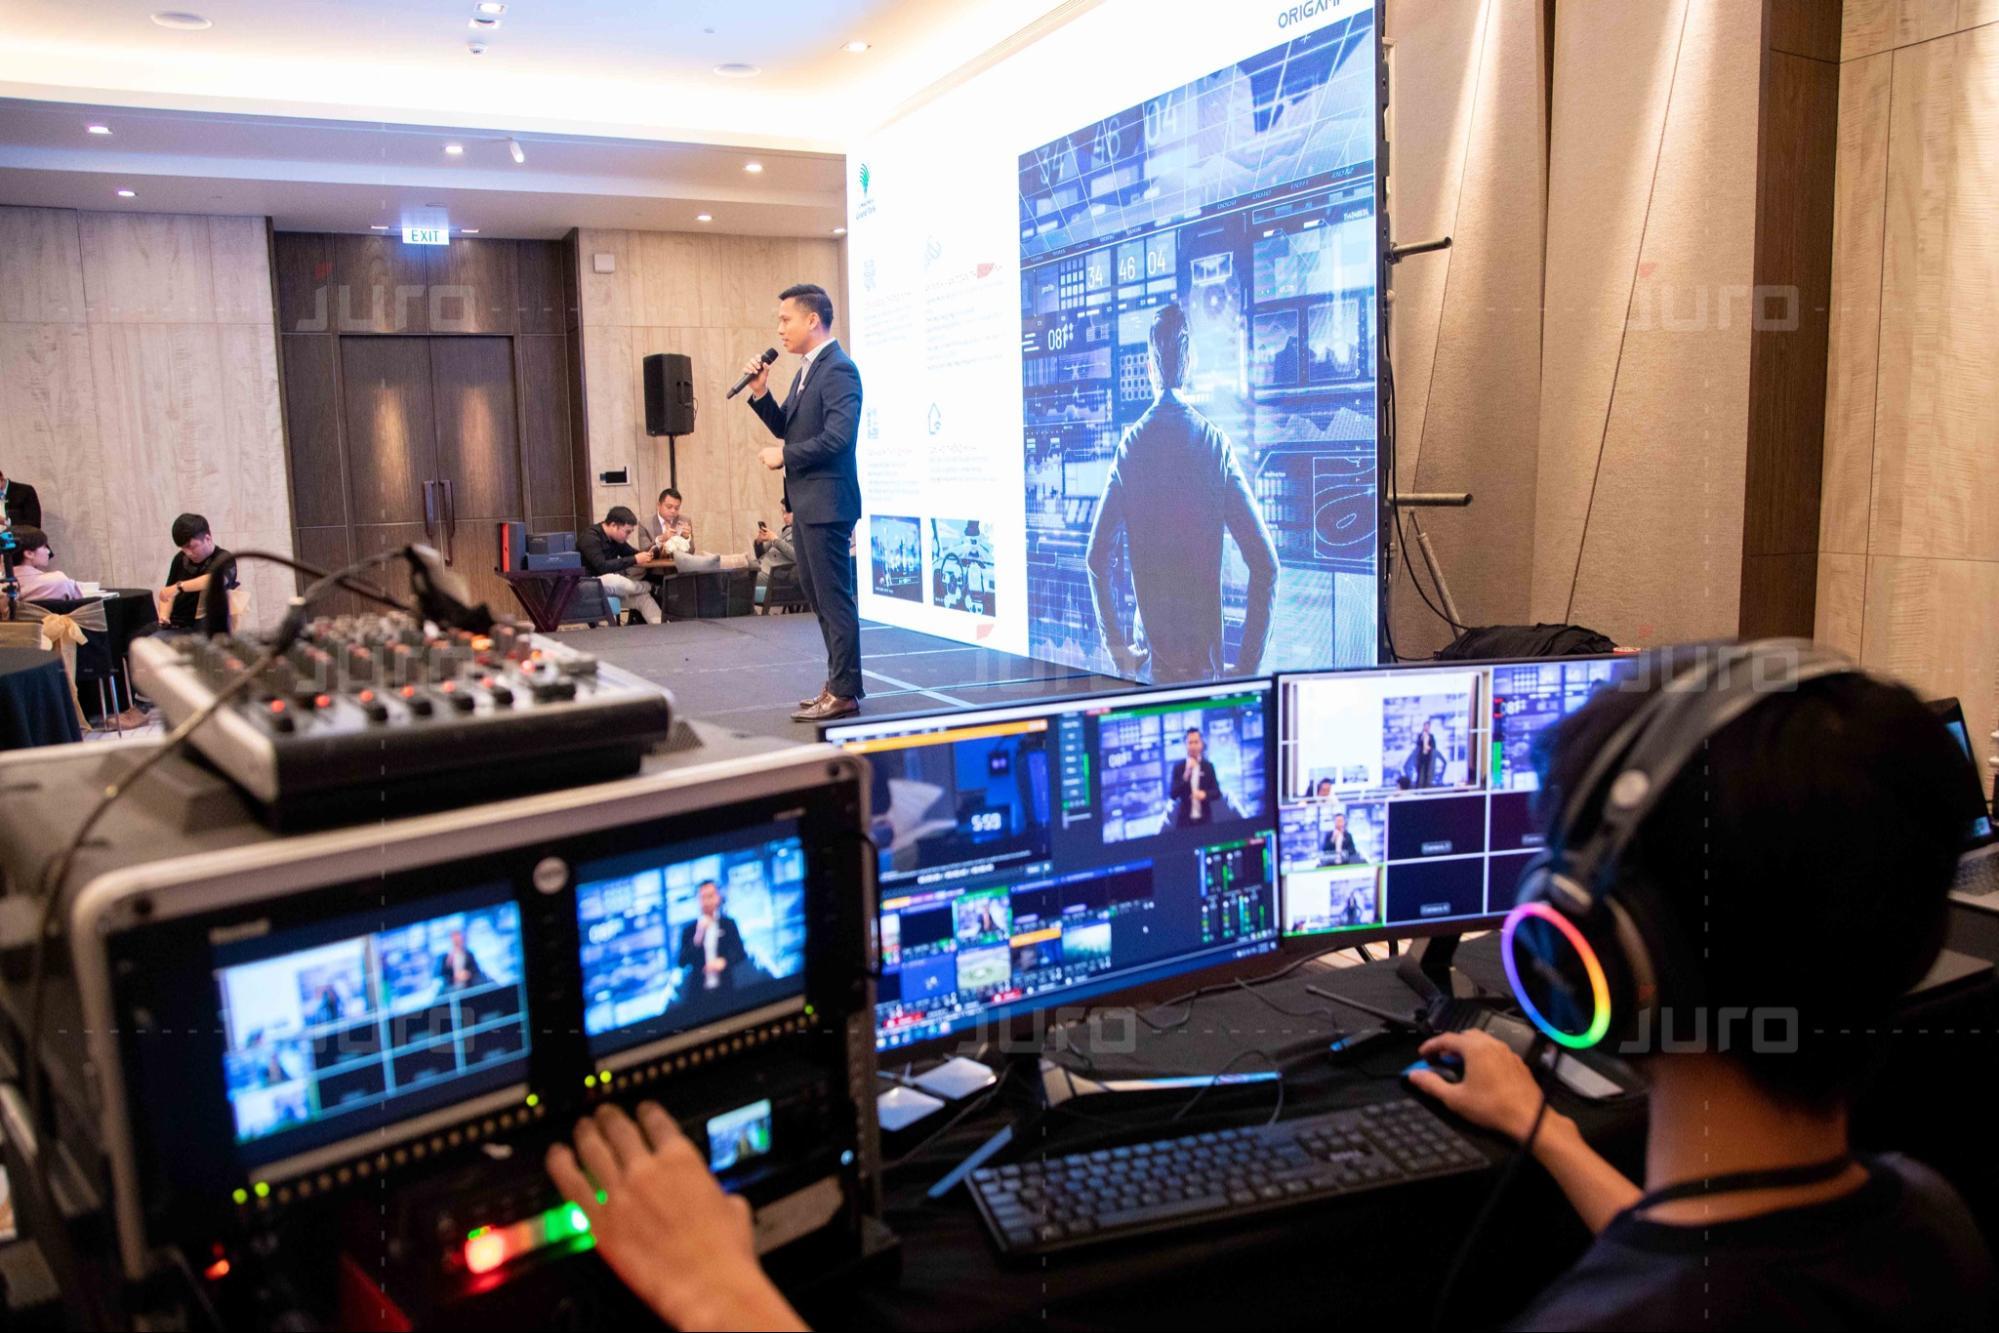 JURO - Công ty cung cấp dịch vụ Livestream chuyên nghiệp